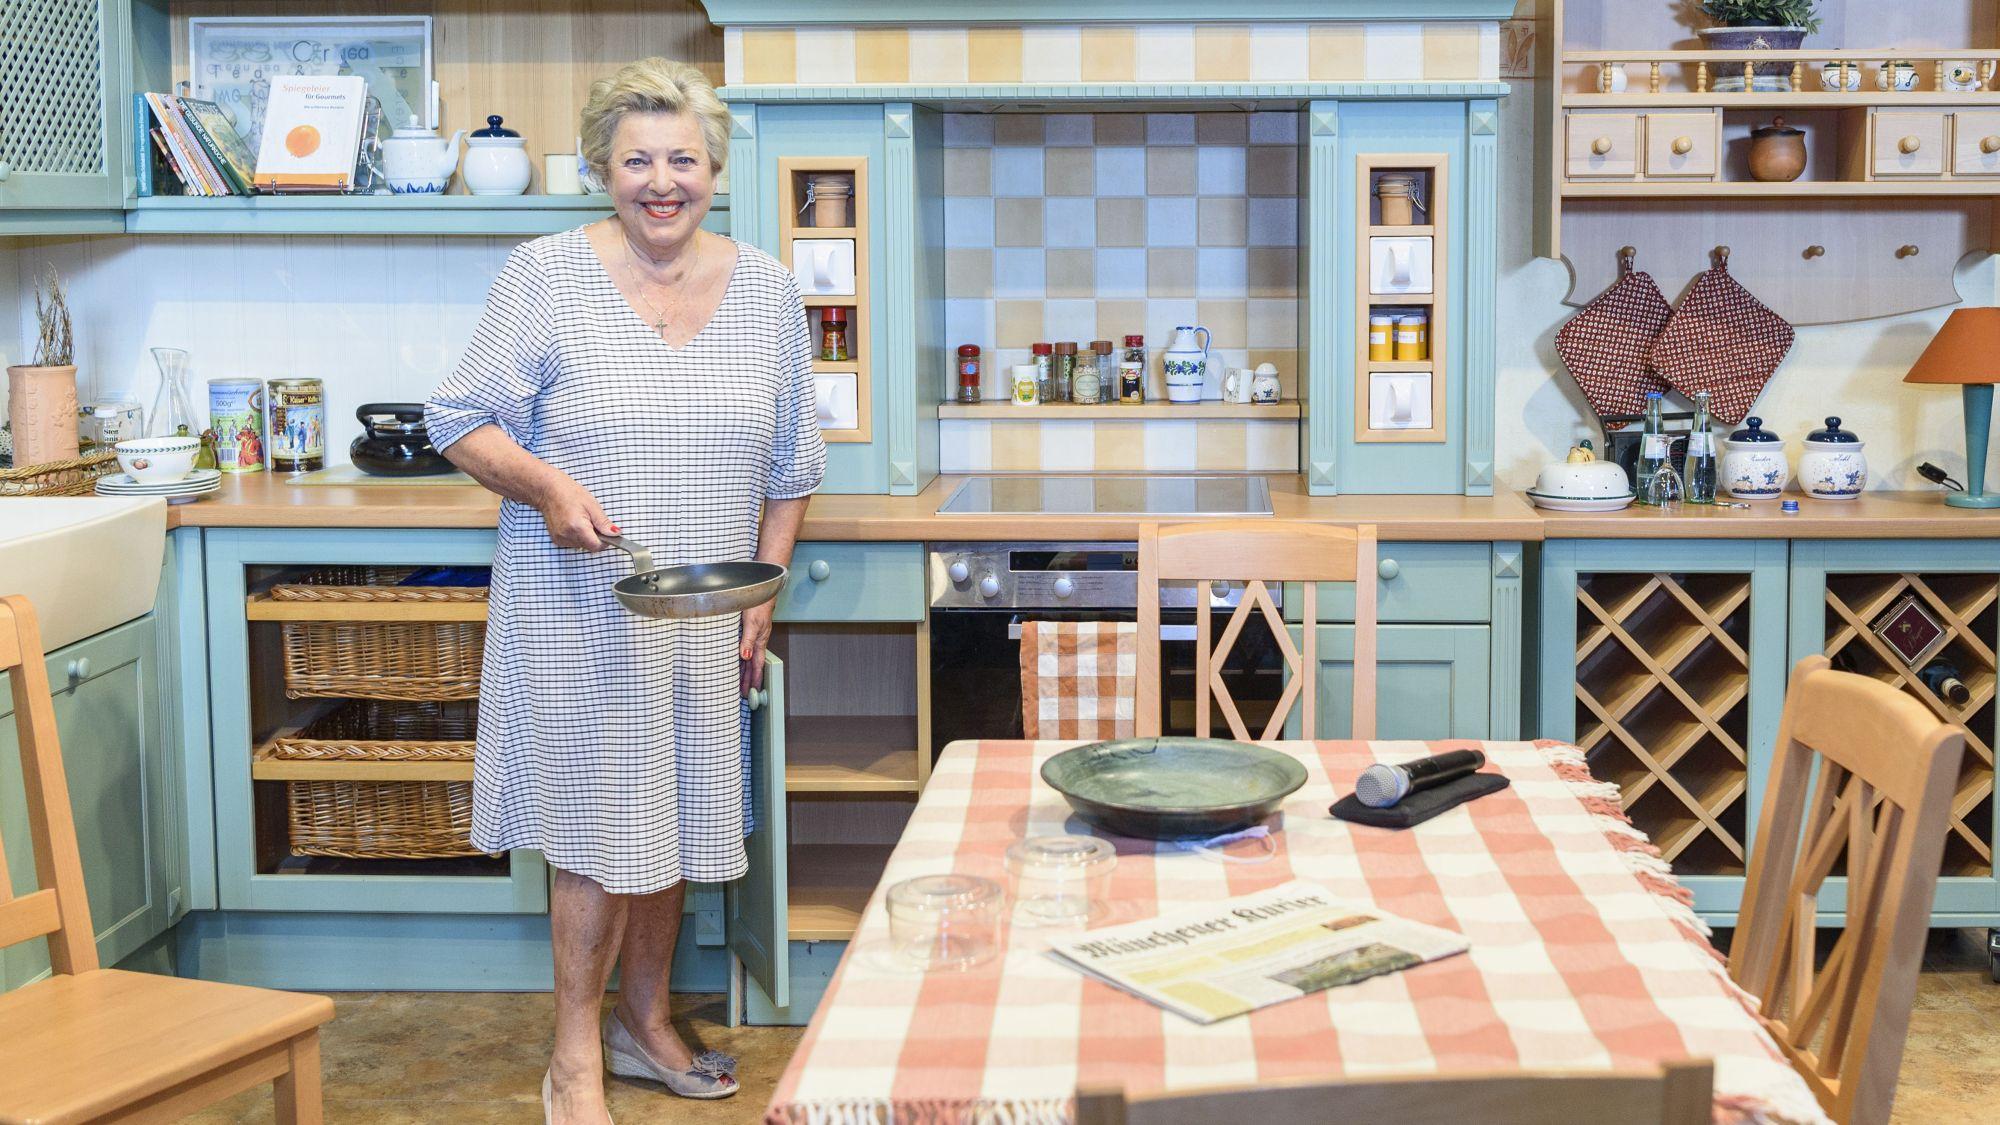 Schauspielerin Marie-Luise Marjan steht in der Kulisse der Küche von Mutter Beimer im Haus der Geschichte.